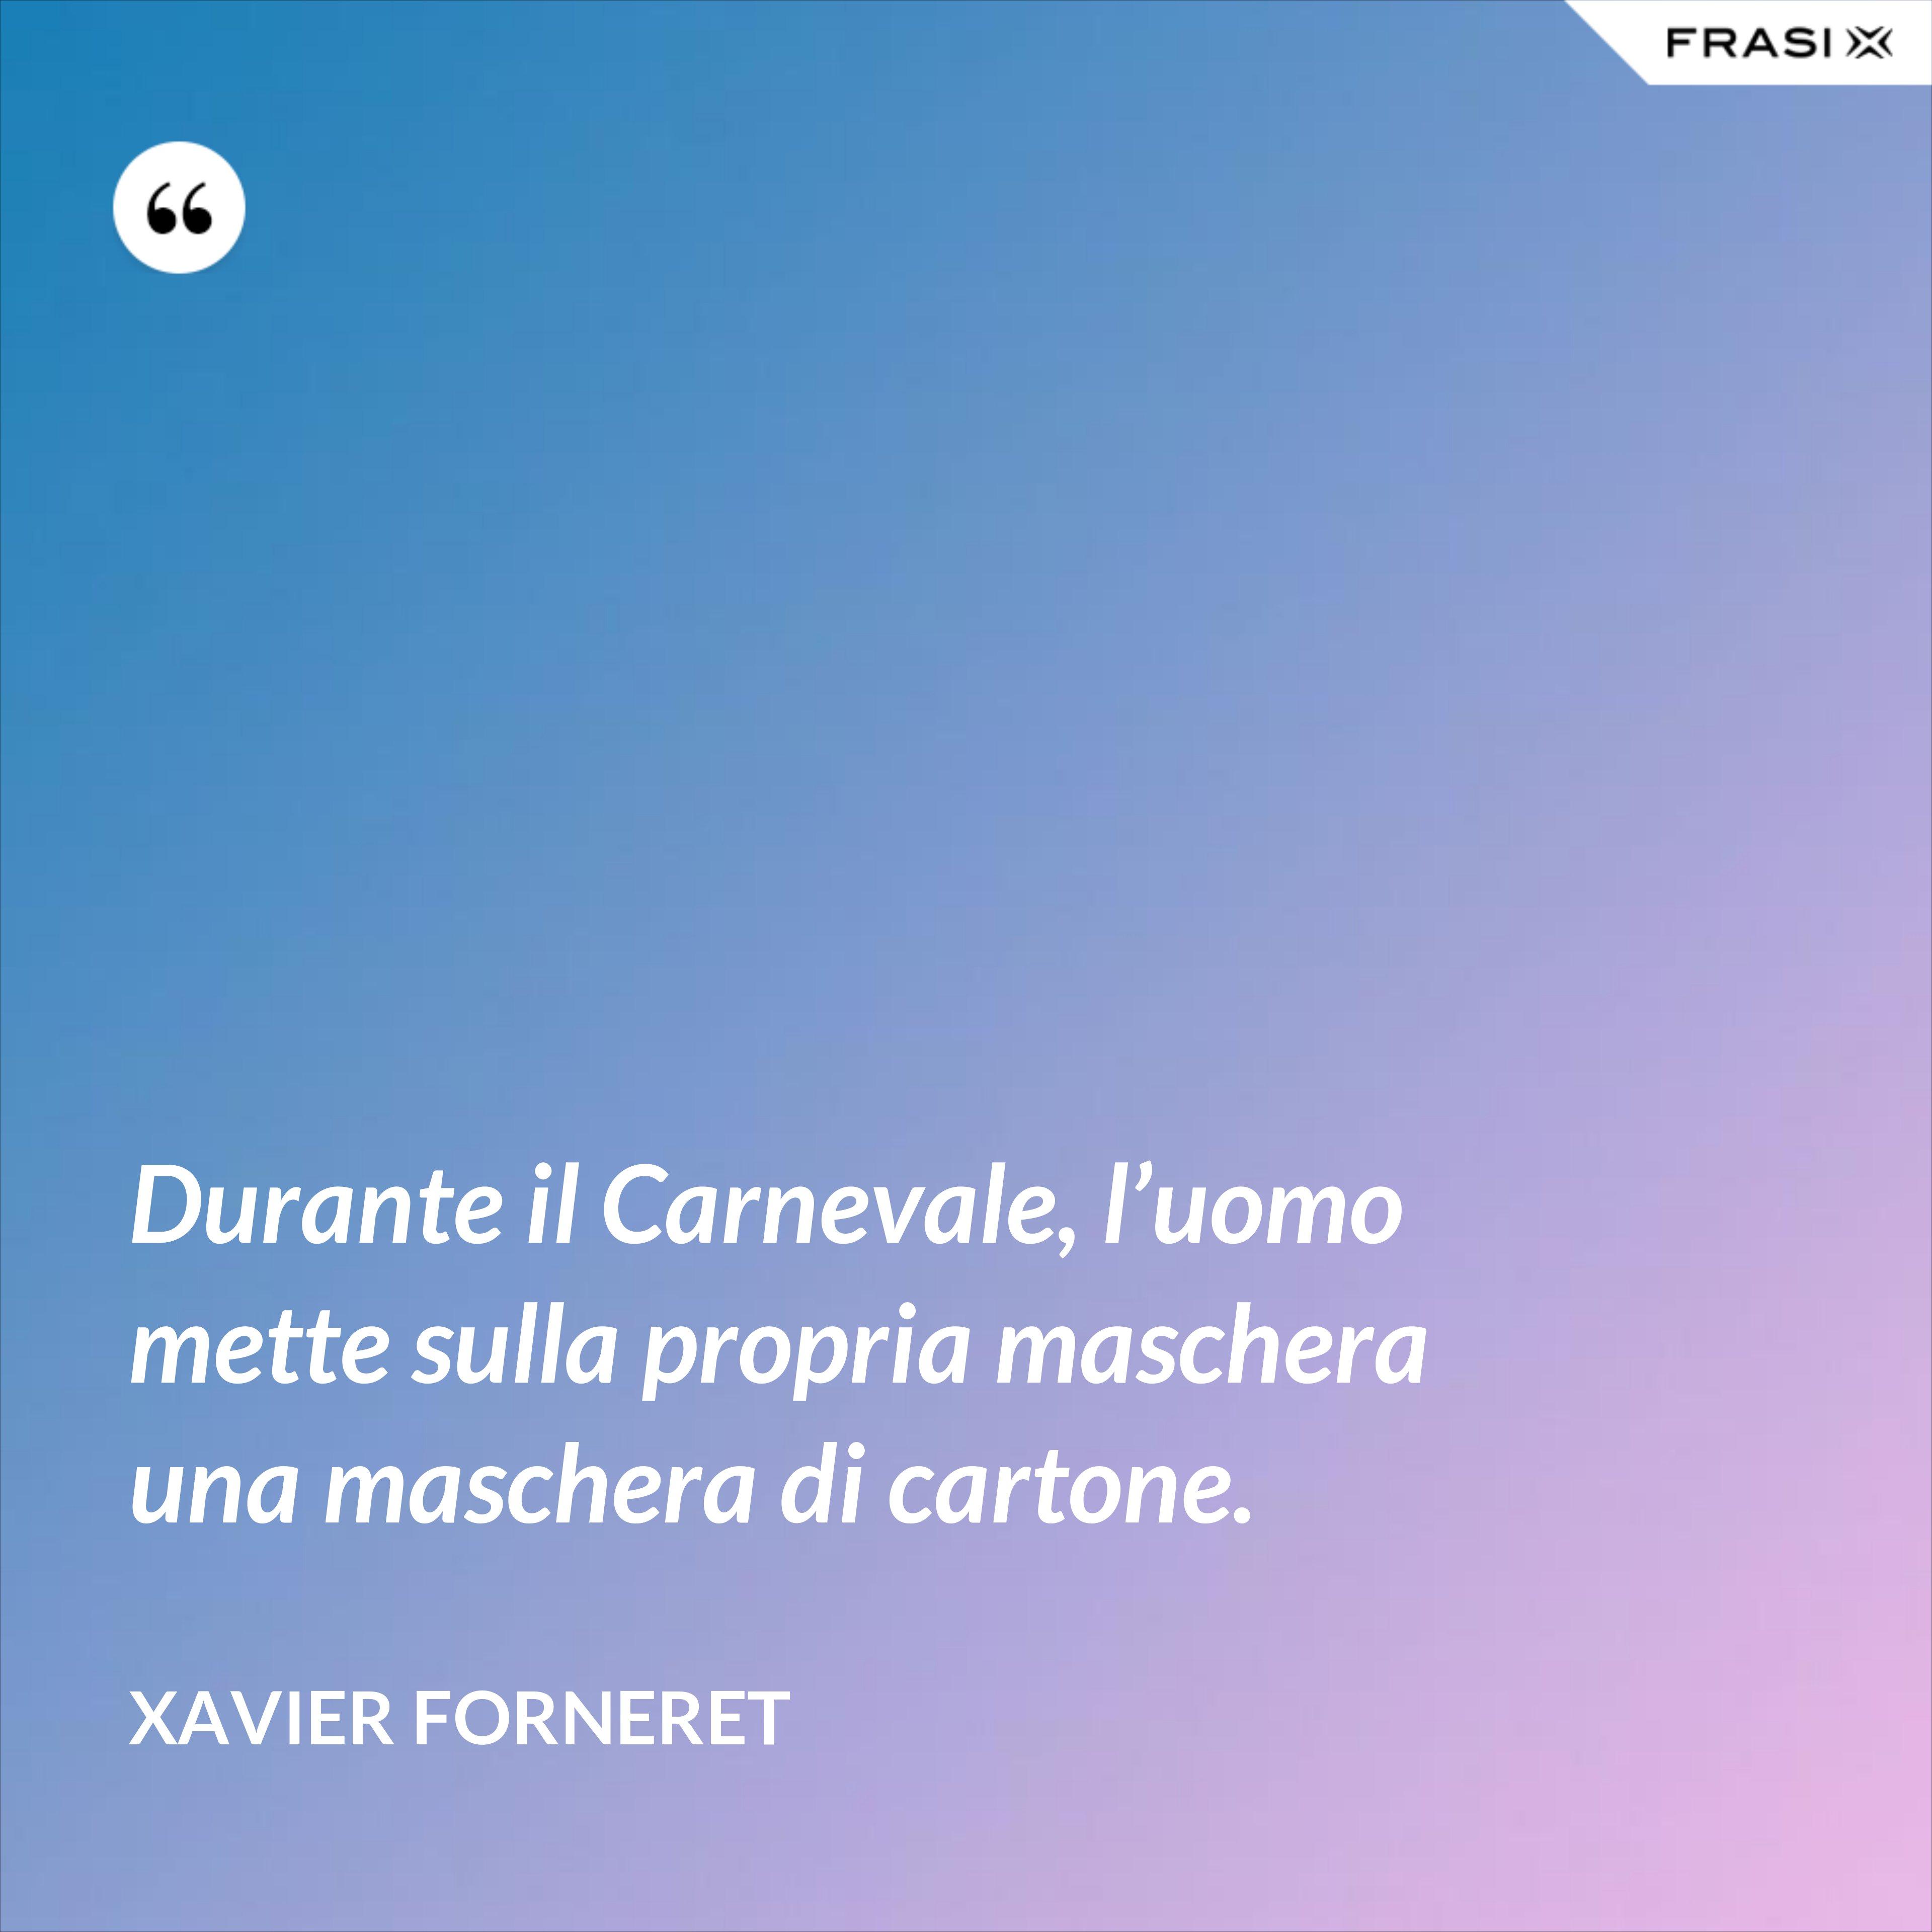 Durante il Carnevale, l'uomo mette sulla propria maschera una maschera di cartone. - Xavier Forneret